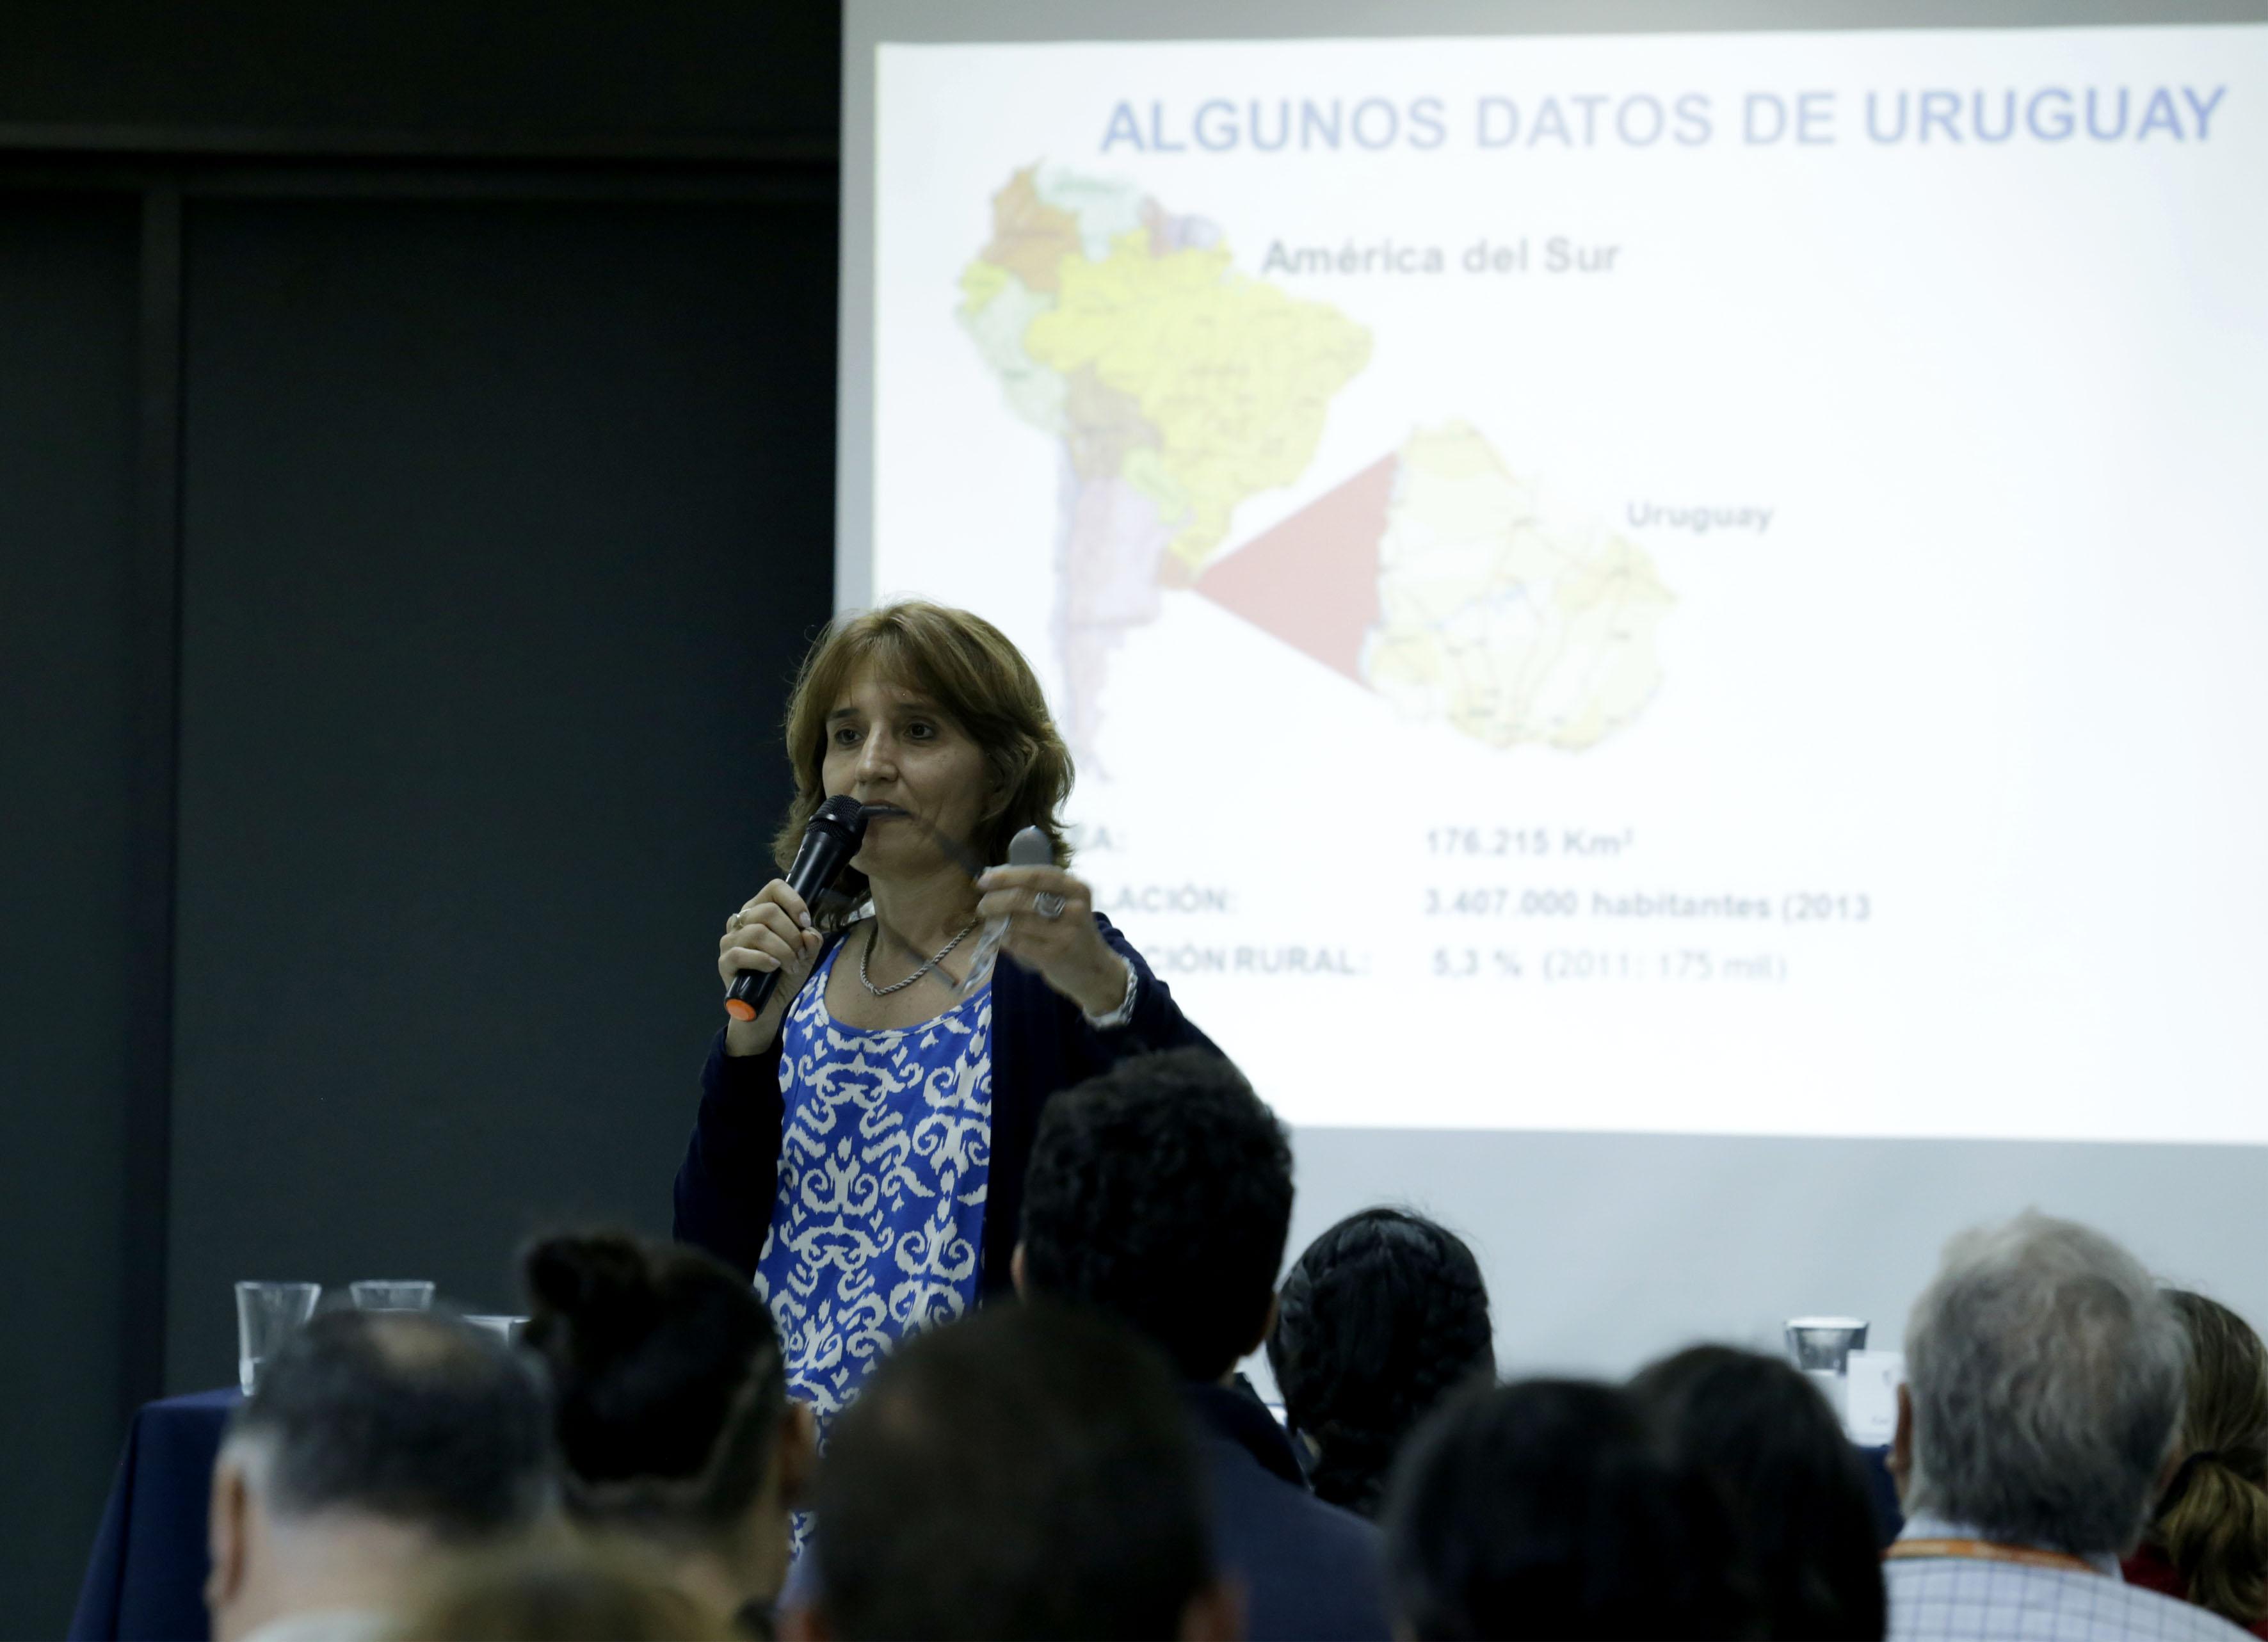 Dra Marta Chiappe Hernández, académica de la Facultad de Agronomía de la Universidad de la República de Uruguay, haciendo uso de la palabra